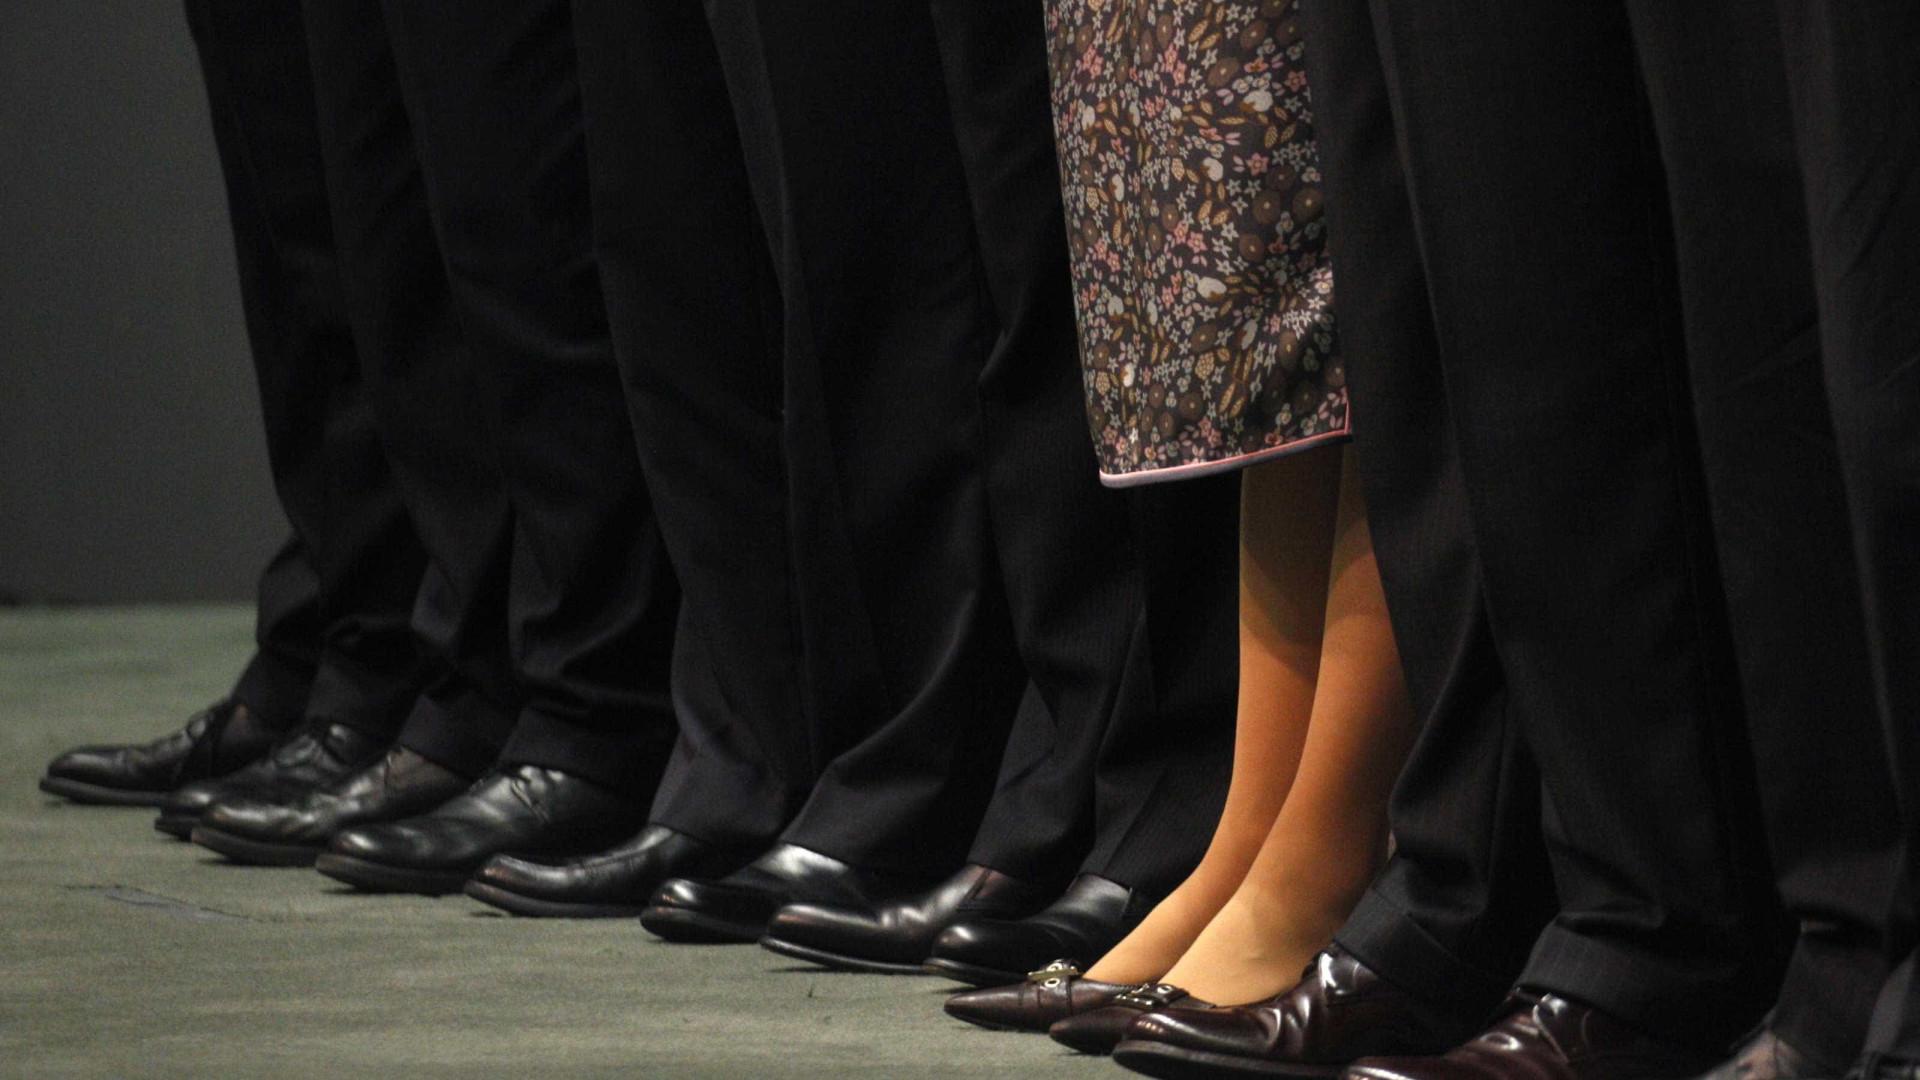 Publicada lei que obriga empresas a terem mulheres na administração